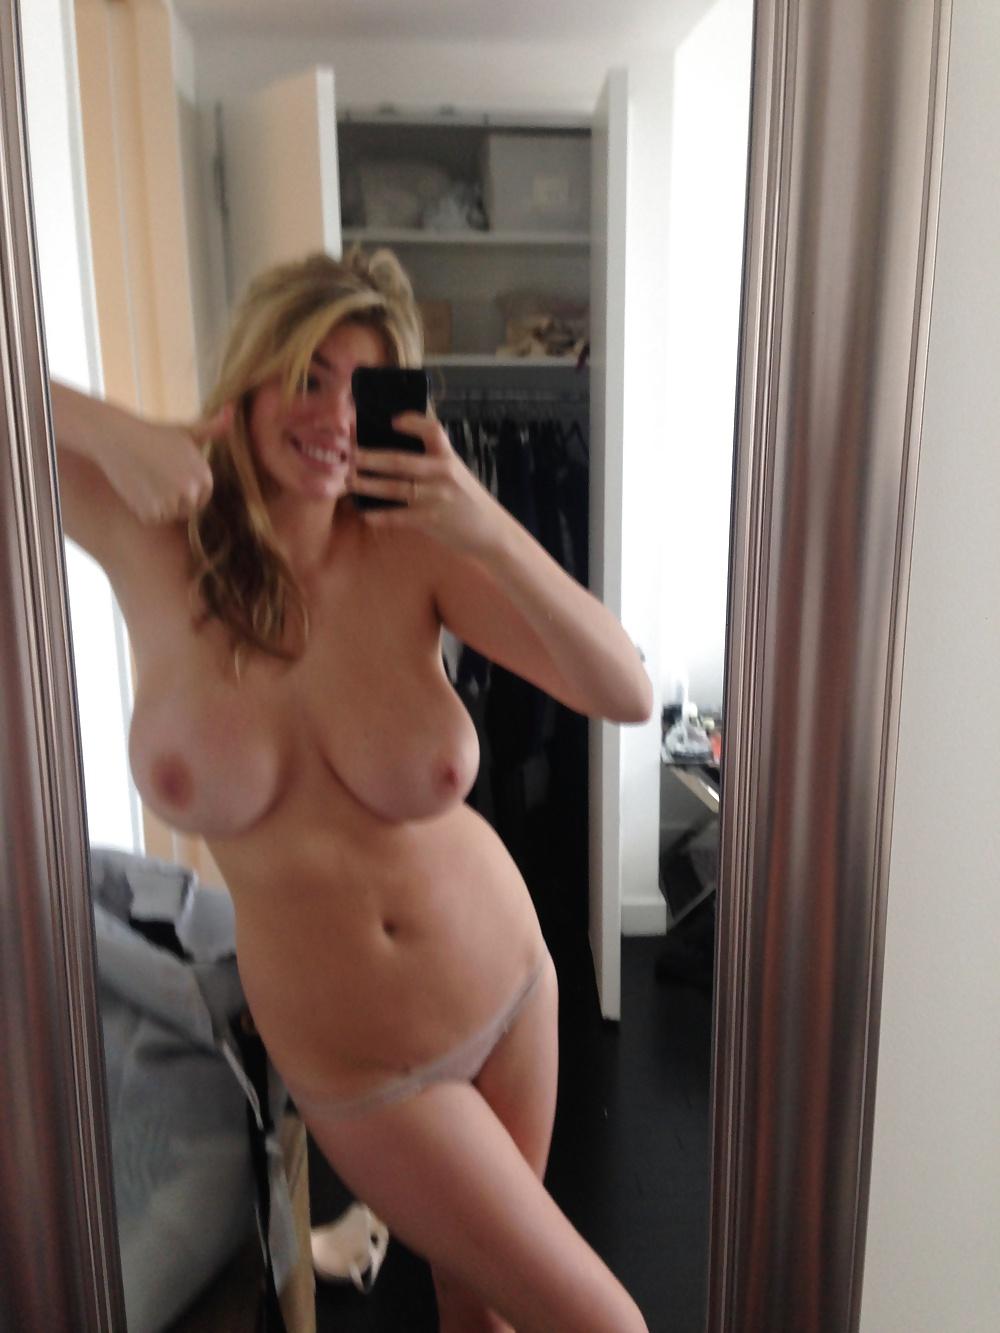 Kate upton naked photos